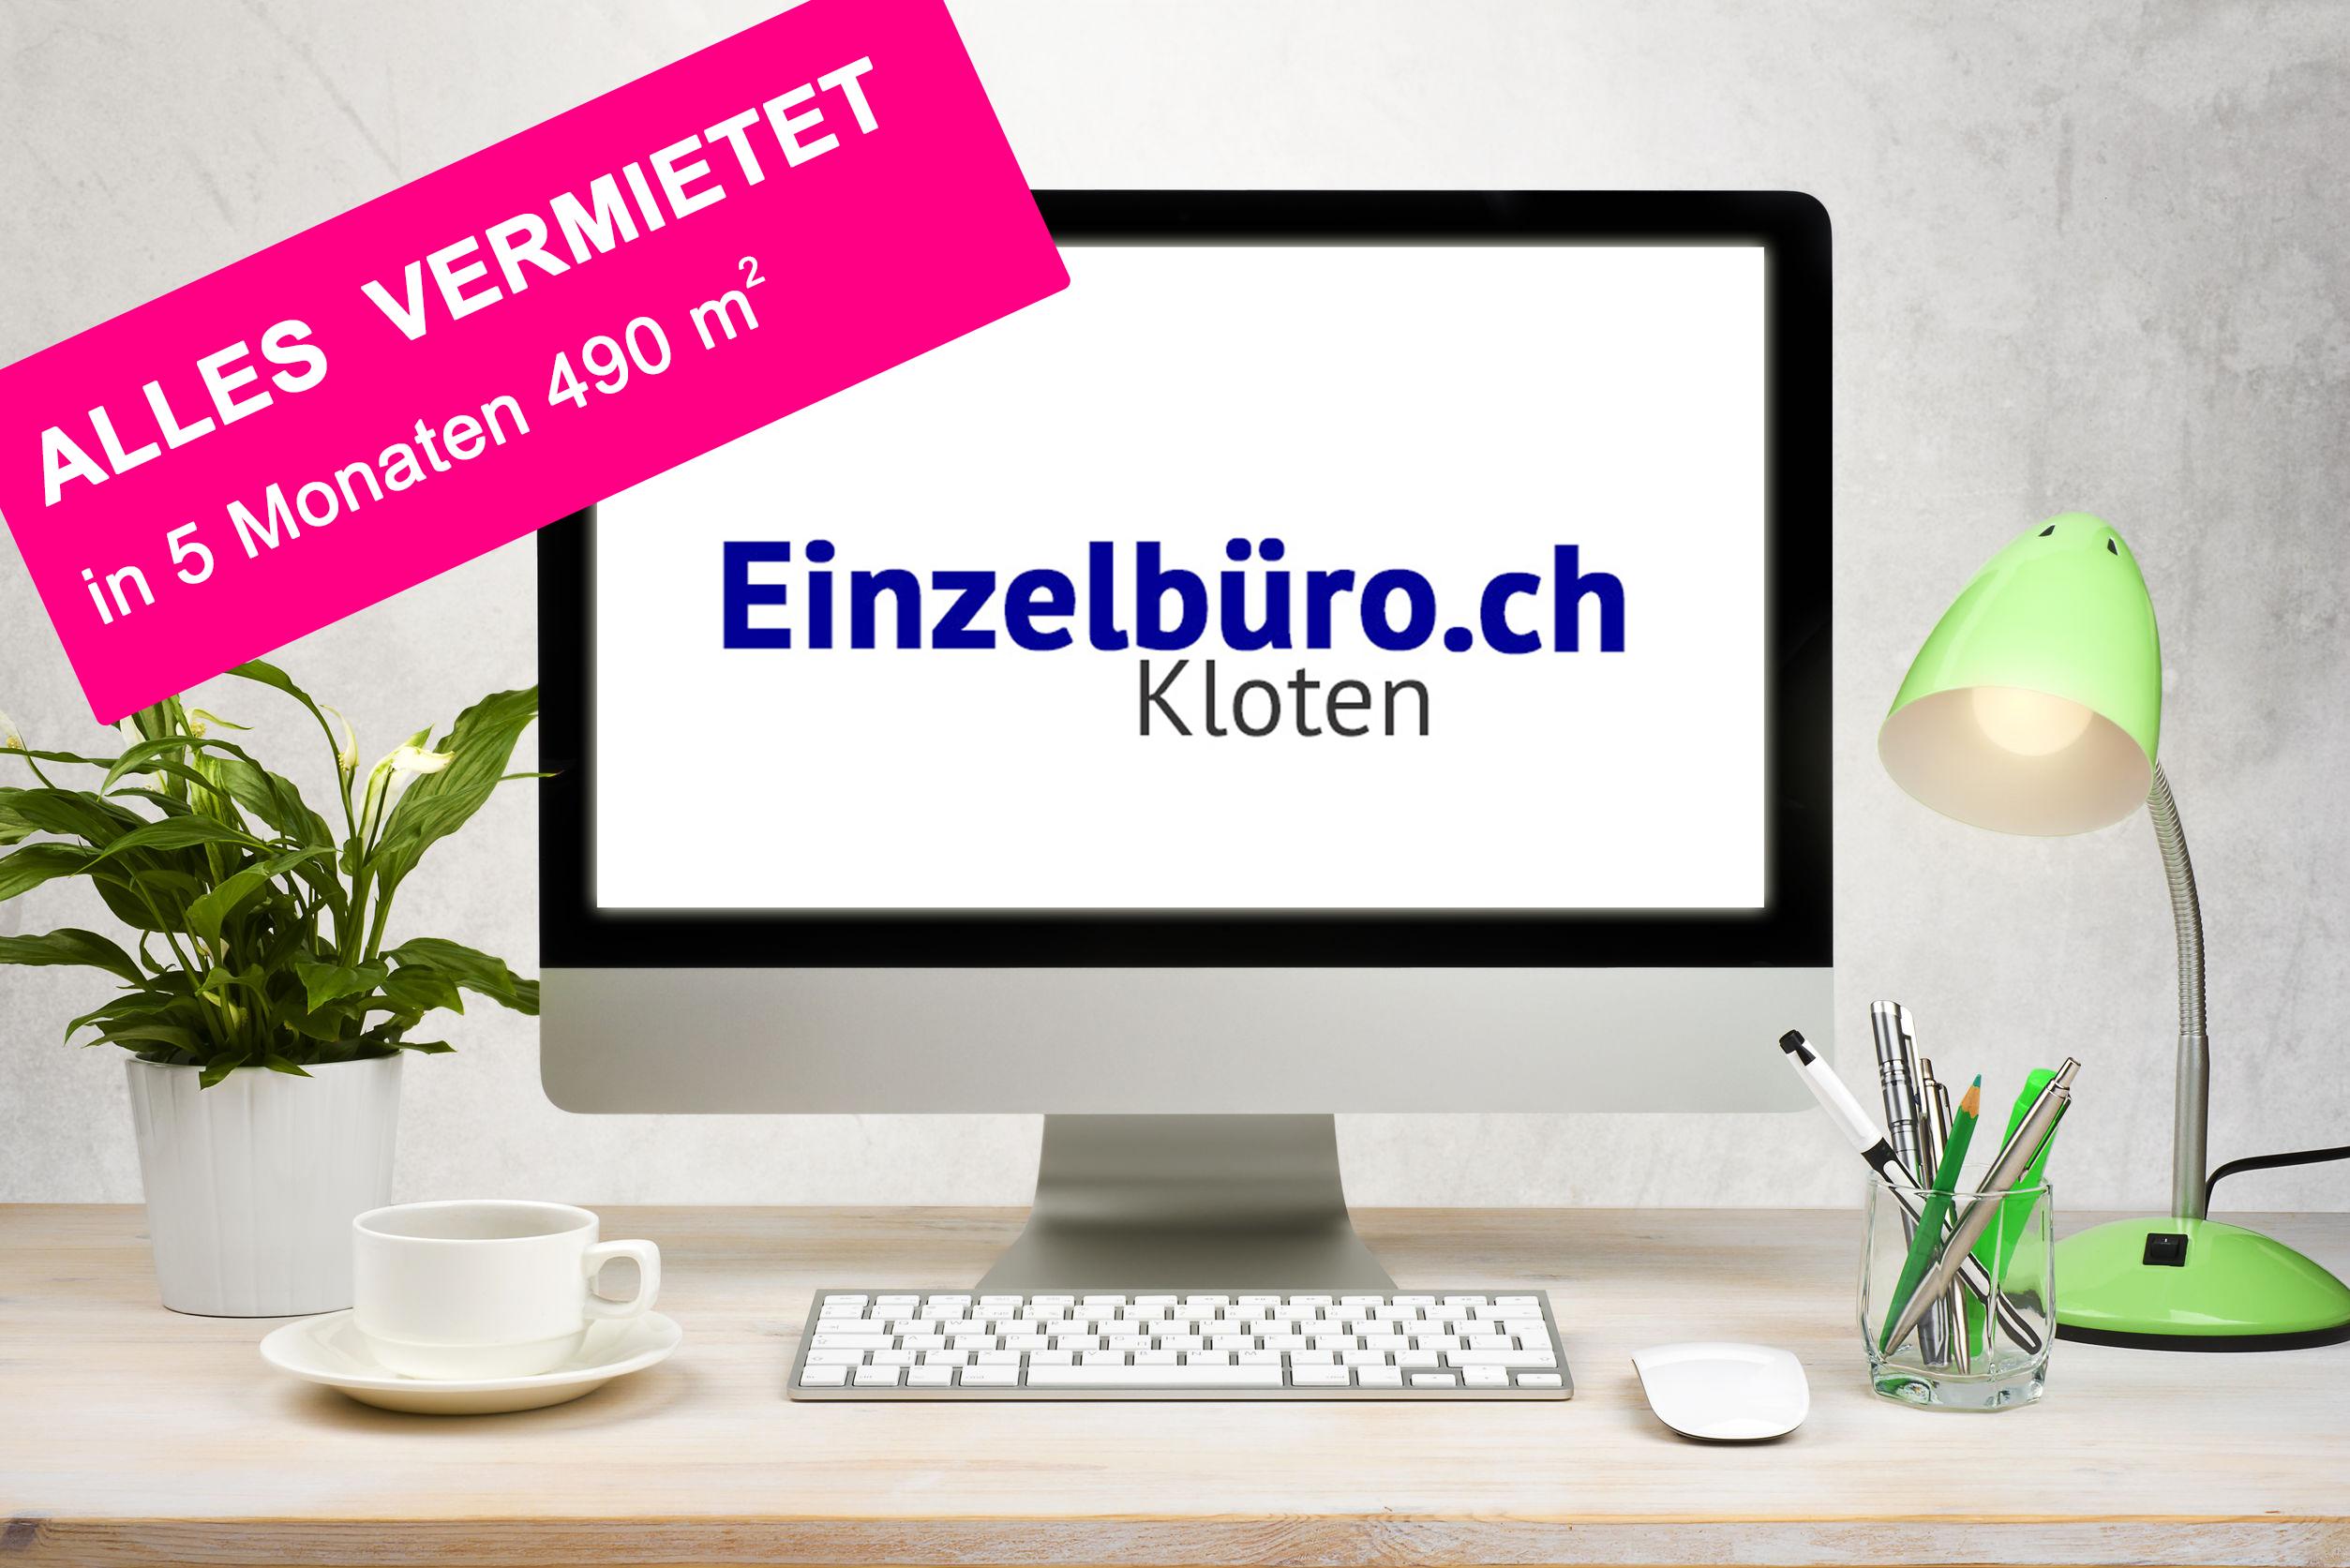 Kloten_allesvermietet_quer.jpg